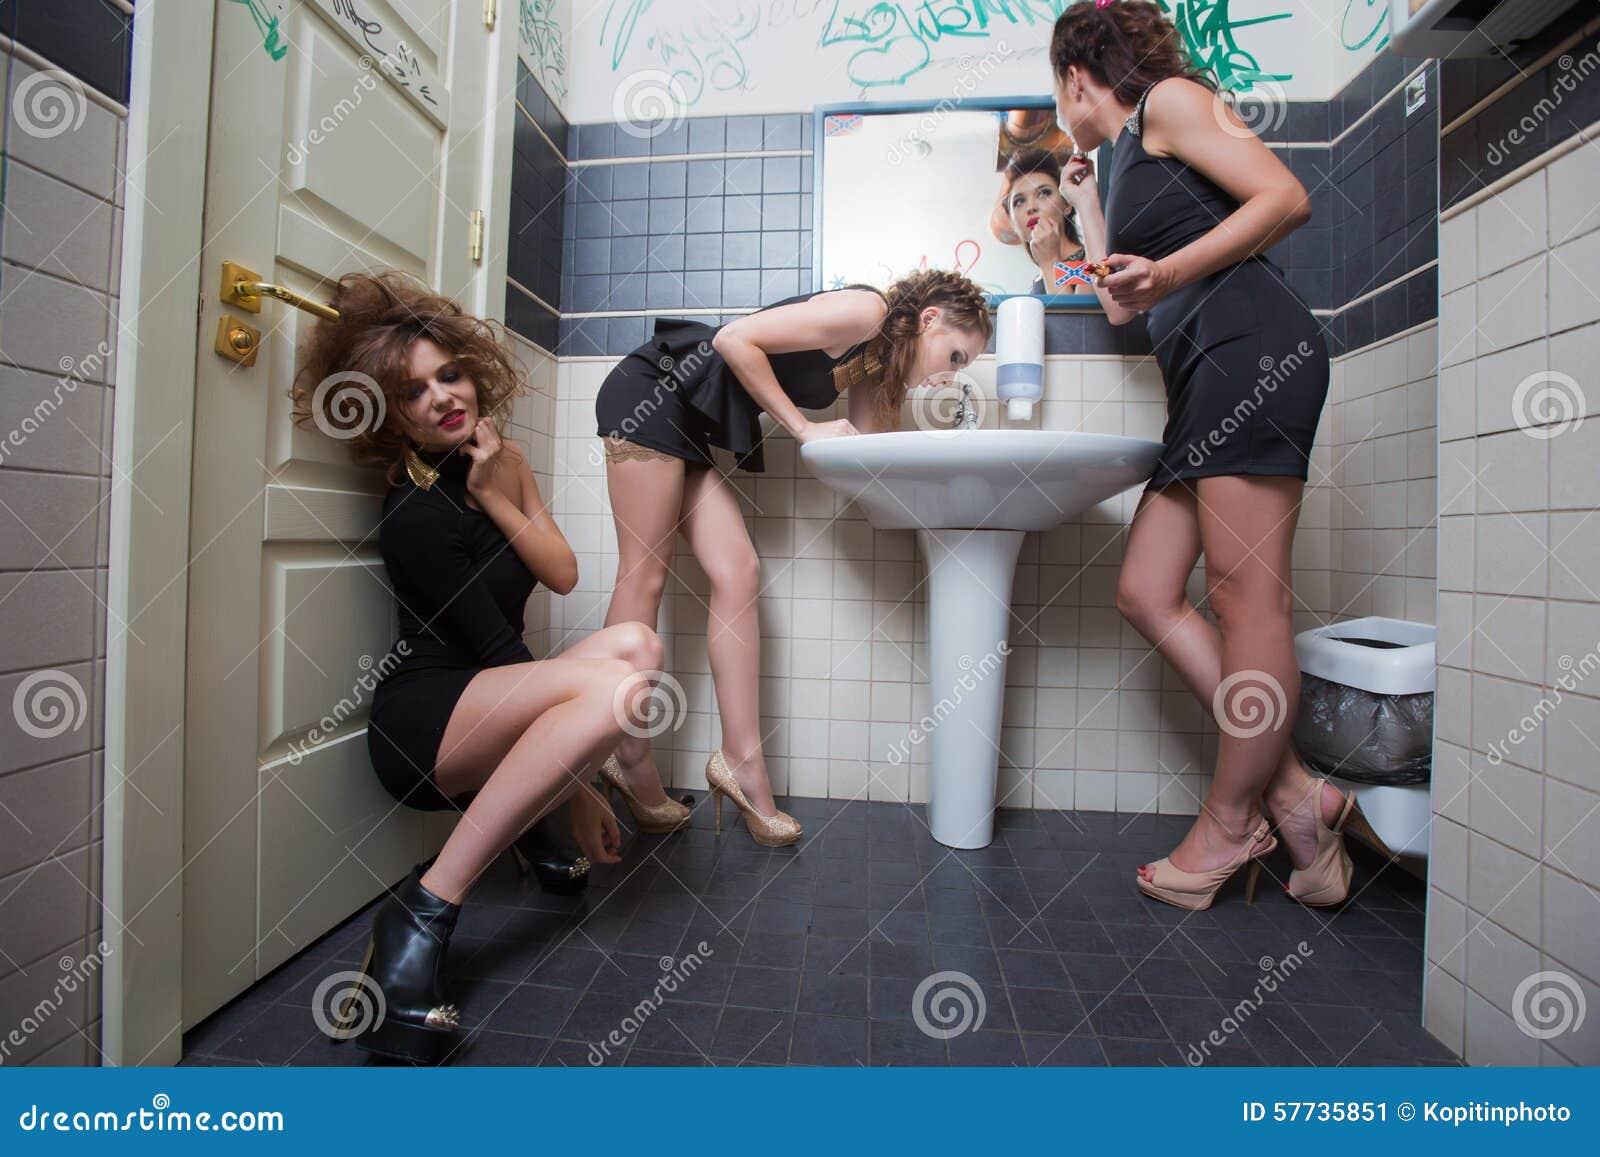 Пяни девка секс, Порно пьяные. Секс с пьяными девками 24 фотография